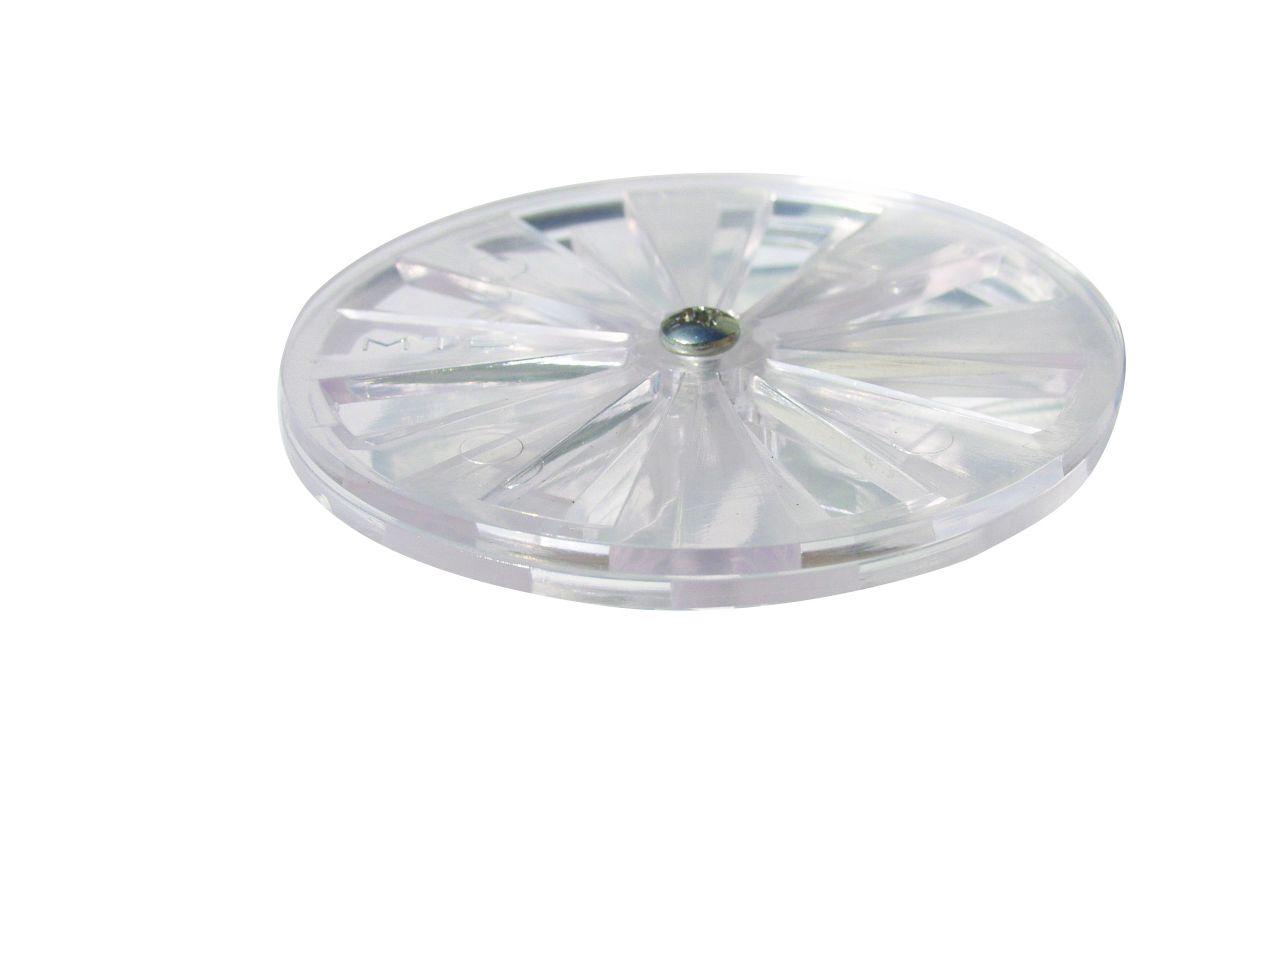 MTS UNISET Verstellbare Kulisse aus Acryl glasklar